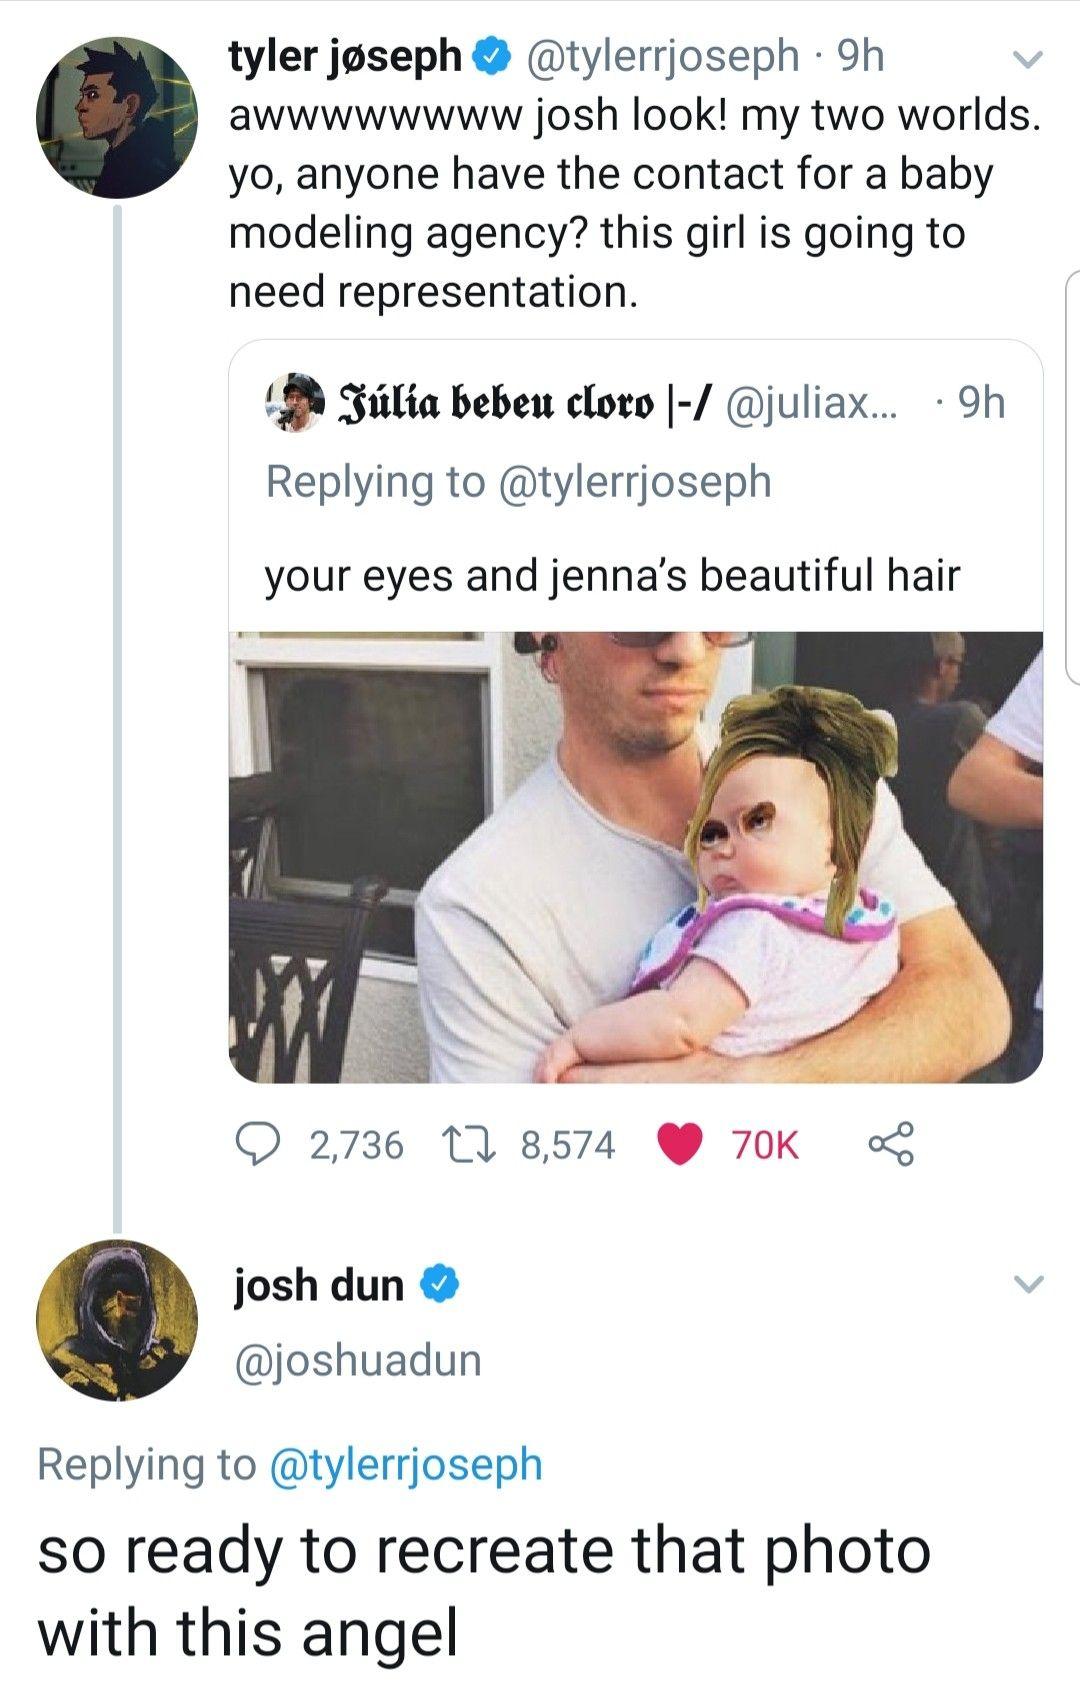 This Is So Cute In 2020 Twenty One Pilots Baby Modeling Agency Cute Memes